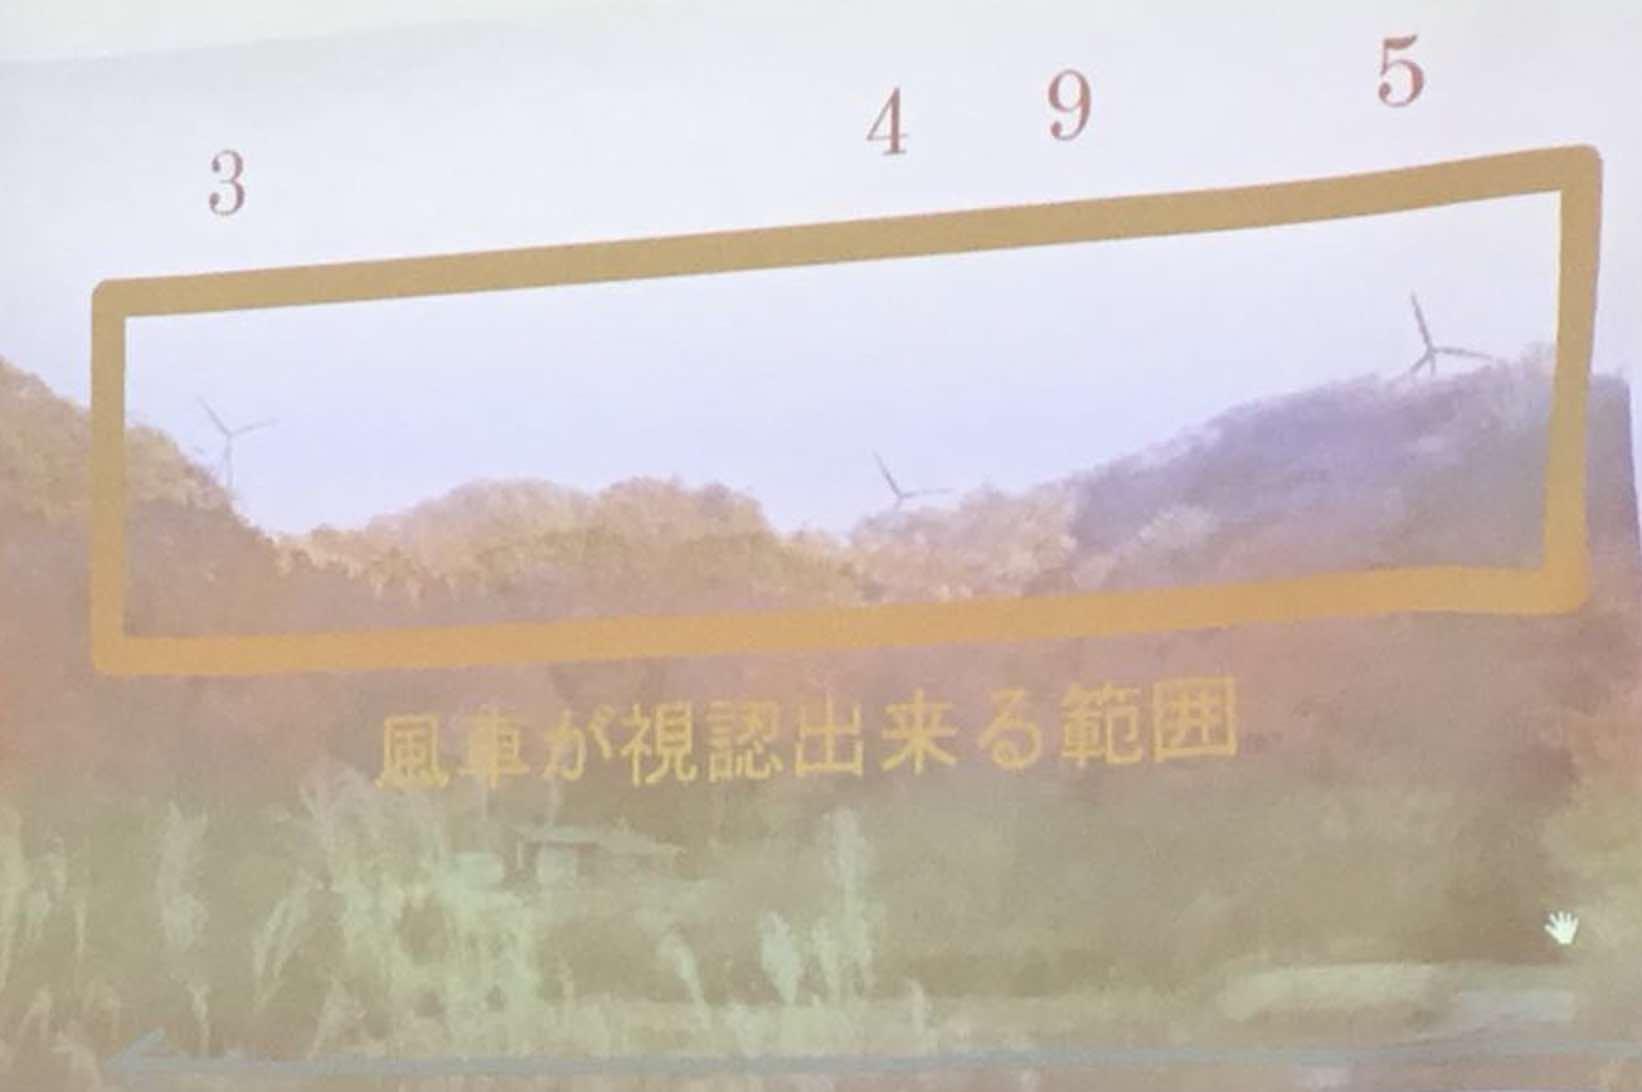 戸渡で阿武隈南部風力発電準備書の説明会_e0068696_7362274.jpg